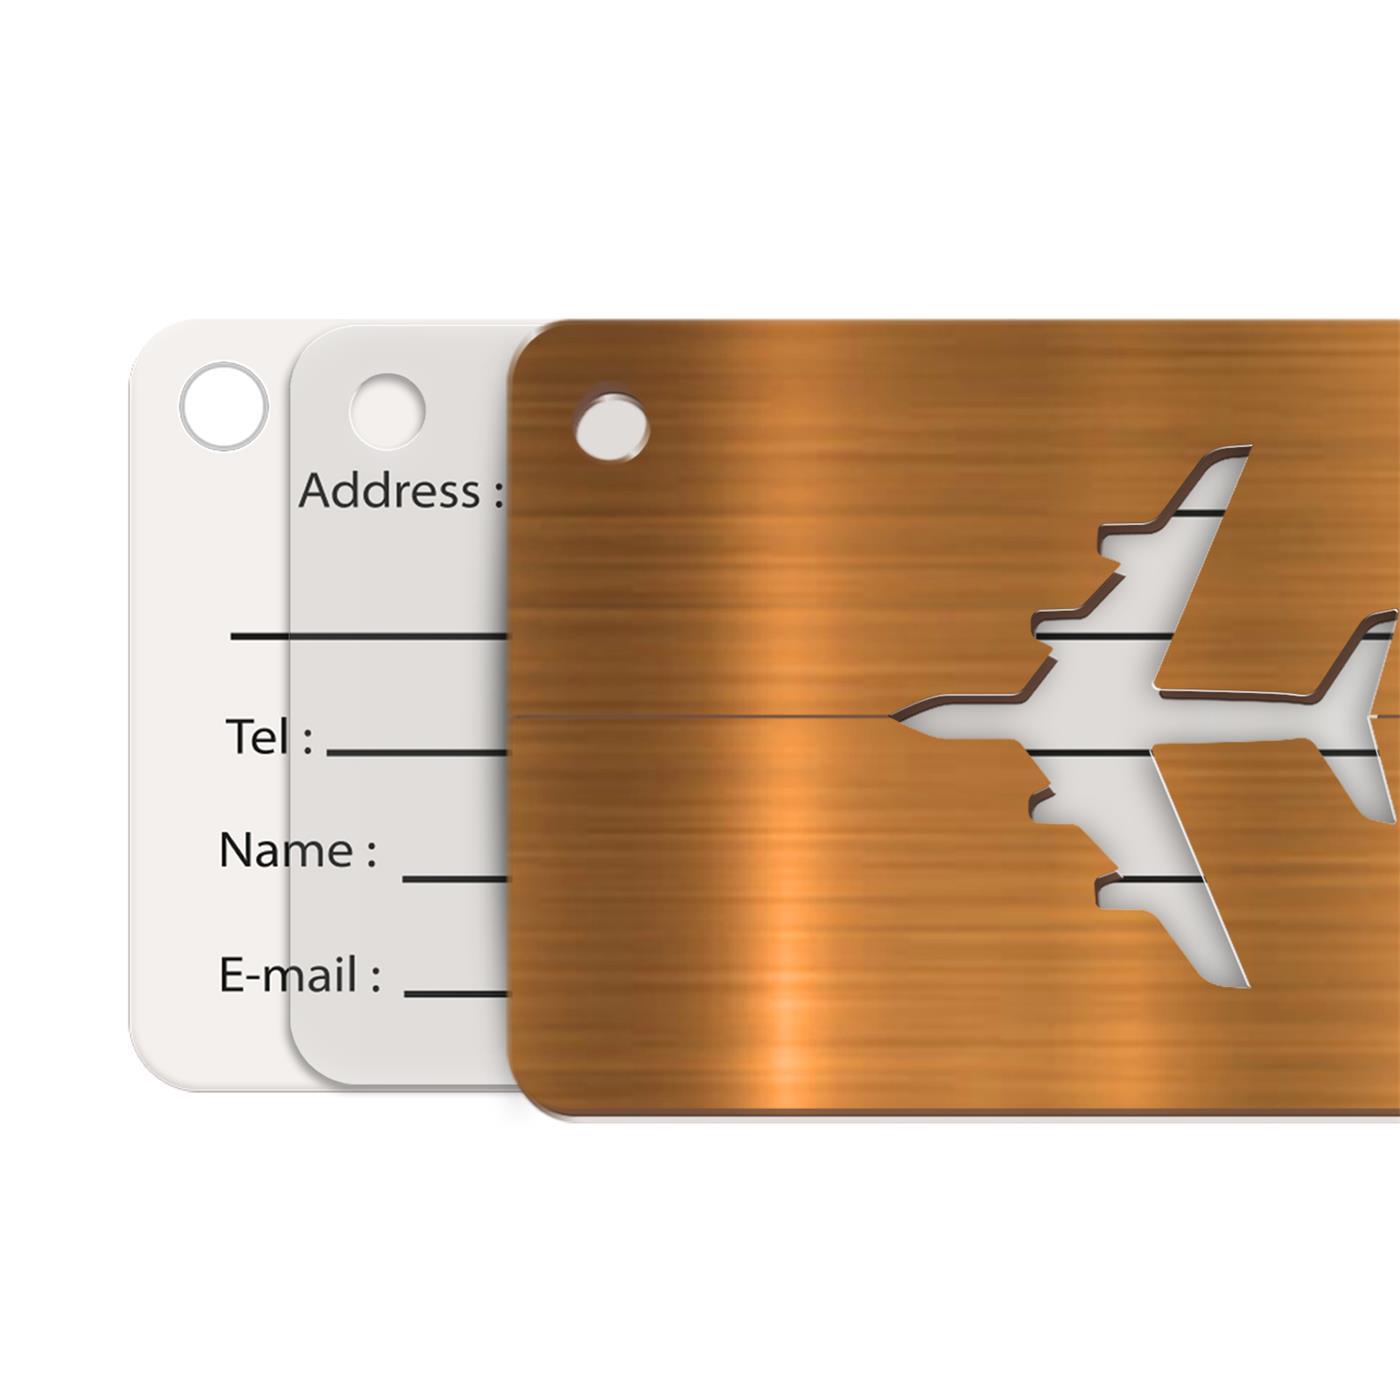 Reise-Kofferanhaenger-Namensschild-Gepaeck-Anhaenger-Schild-Urlaub-Flugzeug-Trolley Indexbild 11